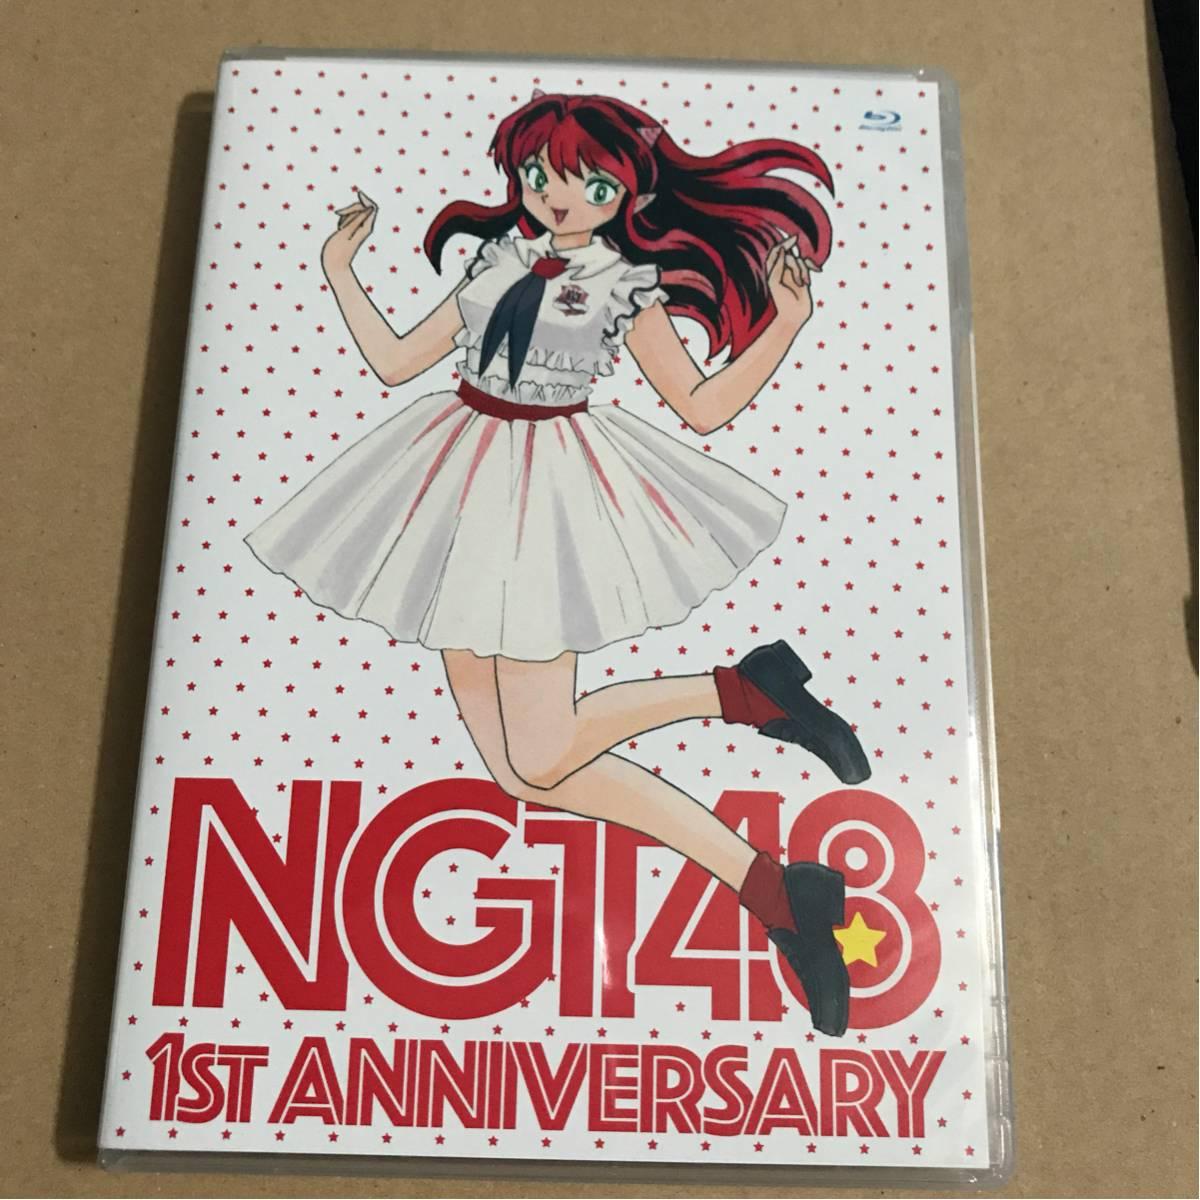 ブルーレイ◆NGT48 1st ANNIVERSARY 3枚組 生写真2枚付 ライブグッズの画像